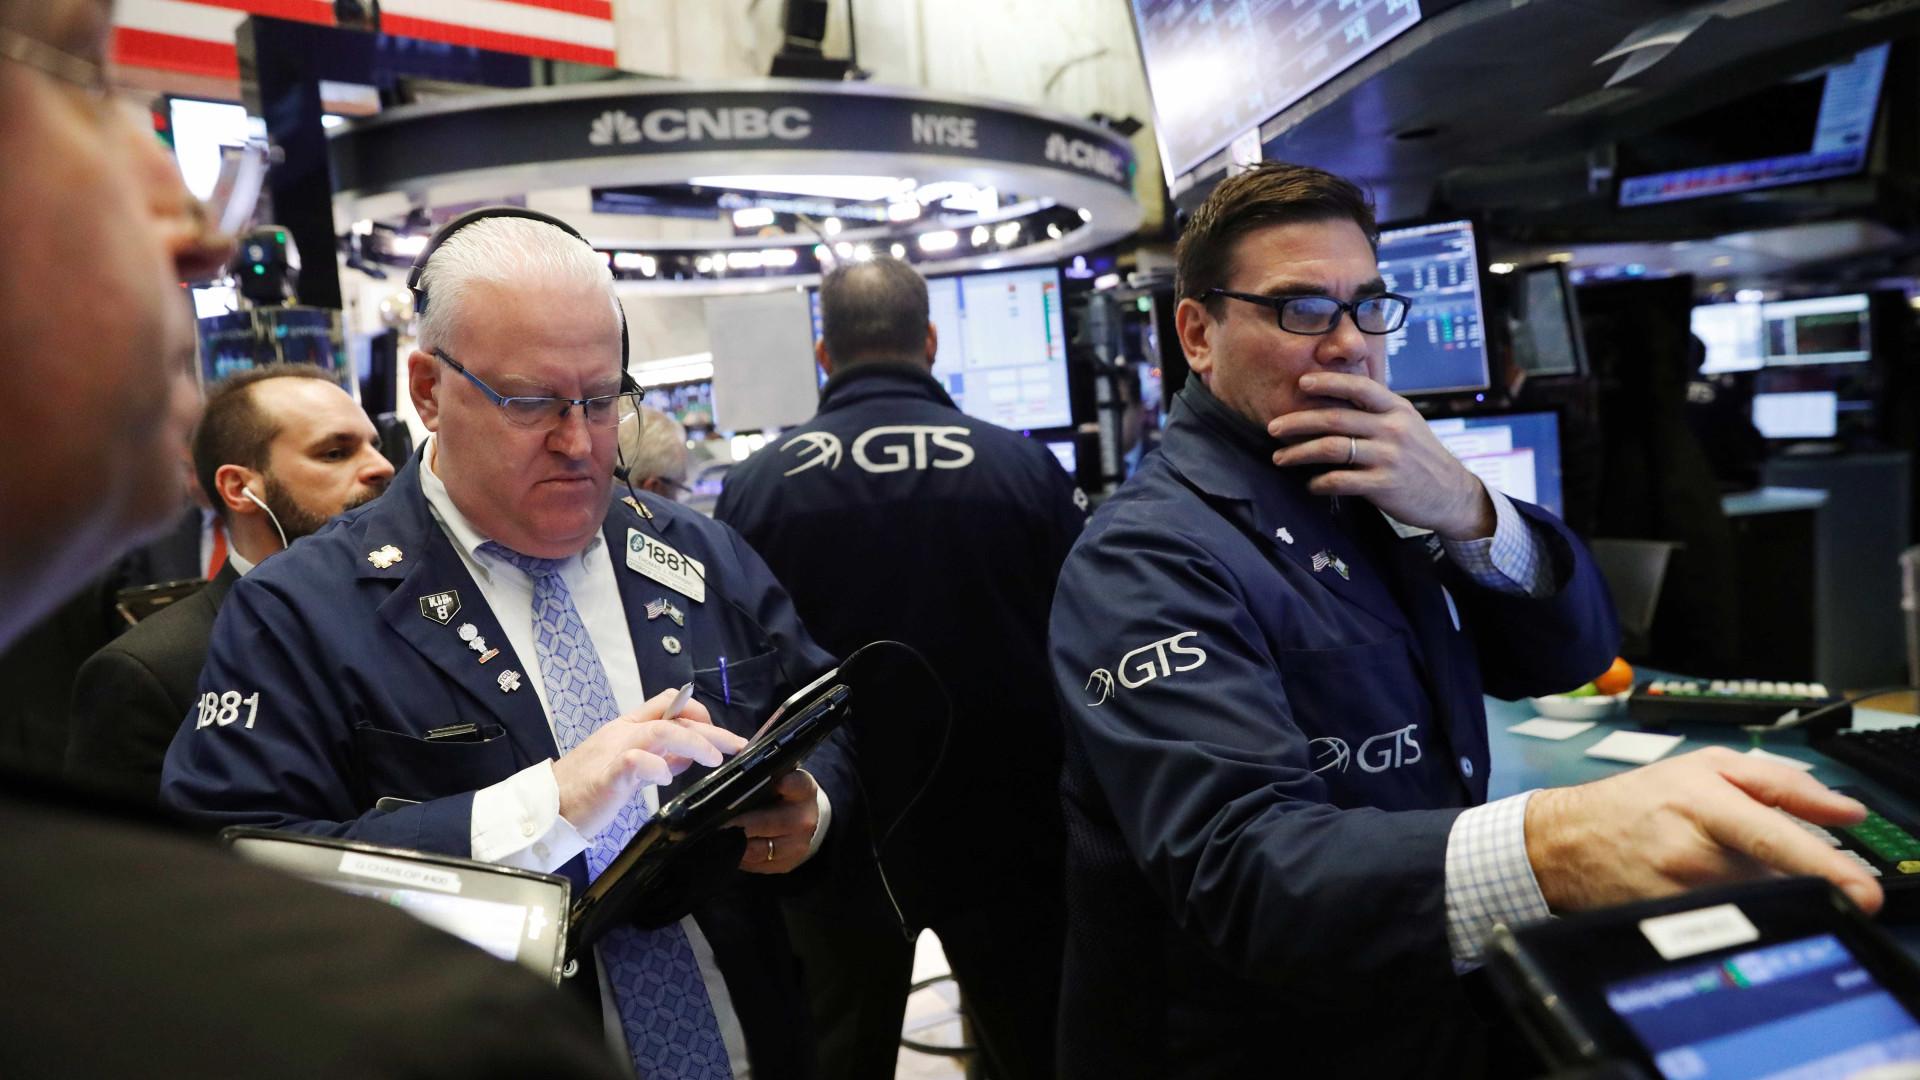 Dólar fecha no maior valor desde dezembro; bolsa de NY cai 4,15%